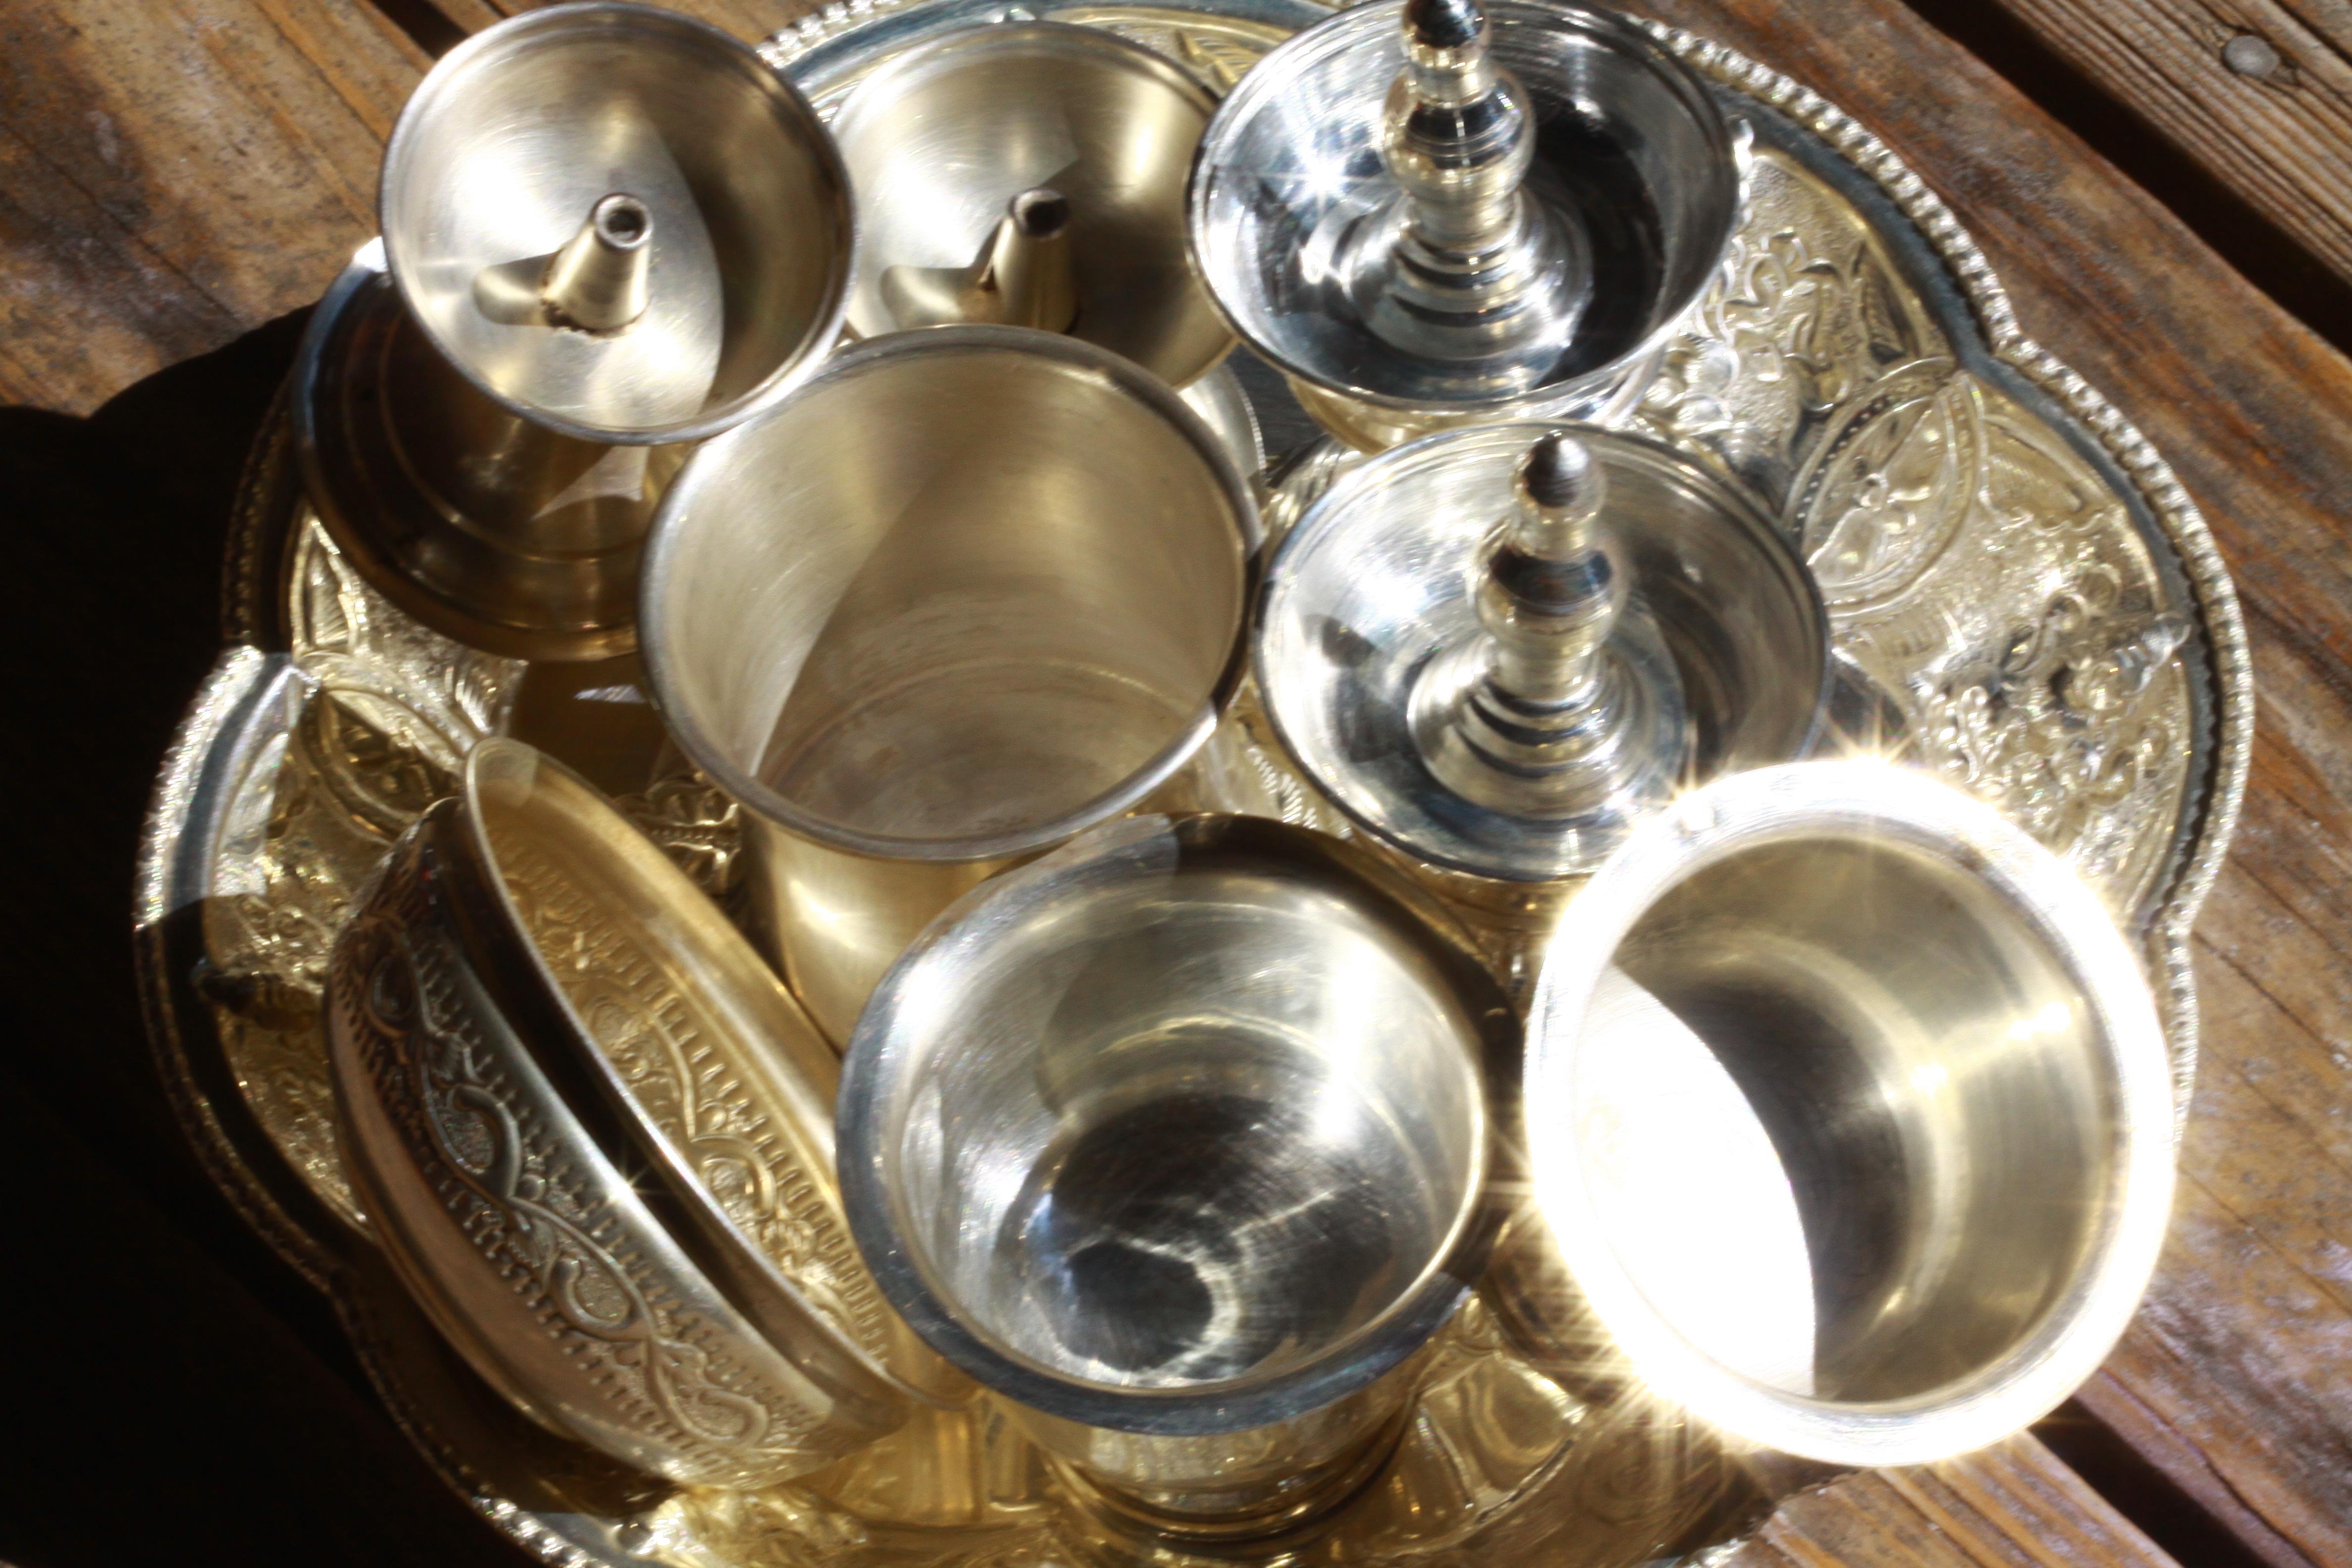 Dishwasher Detergents for Sparkling Silverware ... |Sparkling Silverware